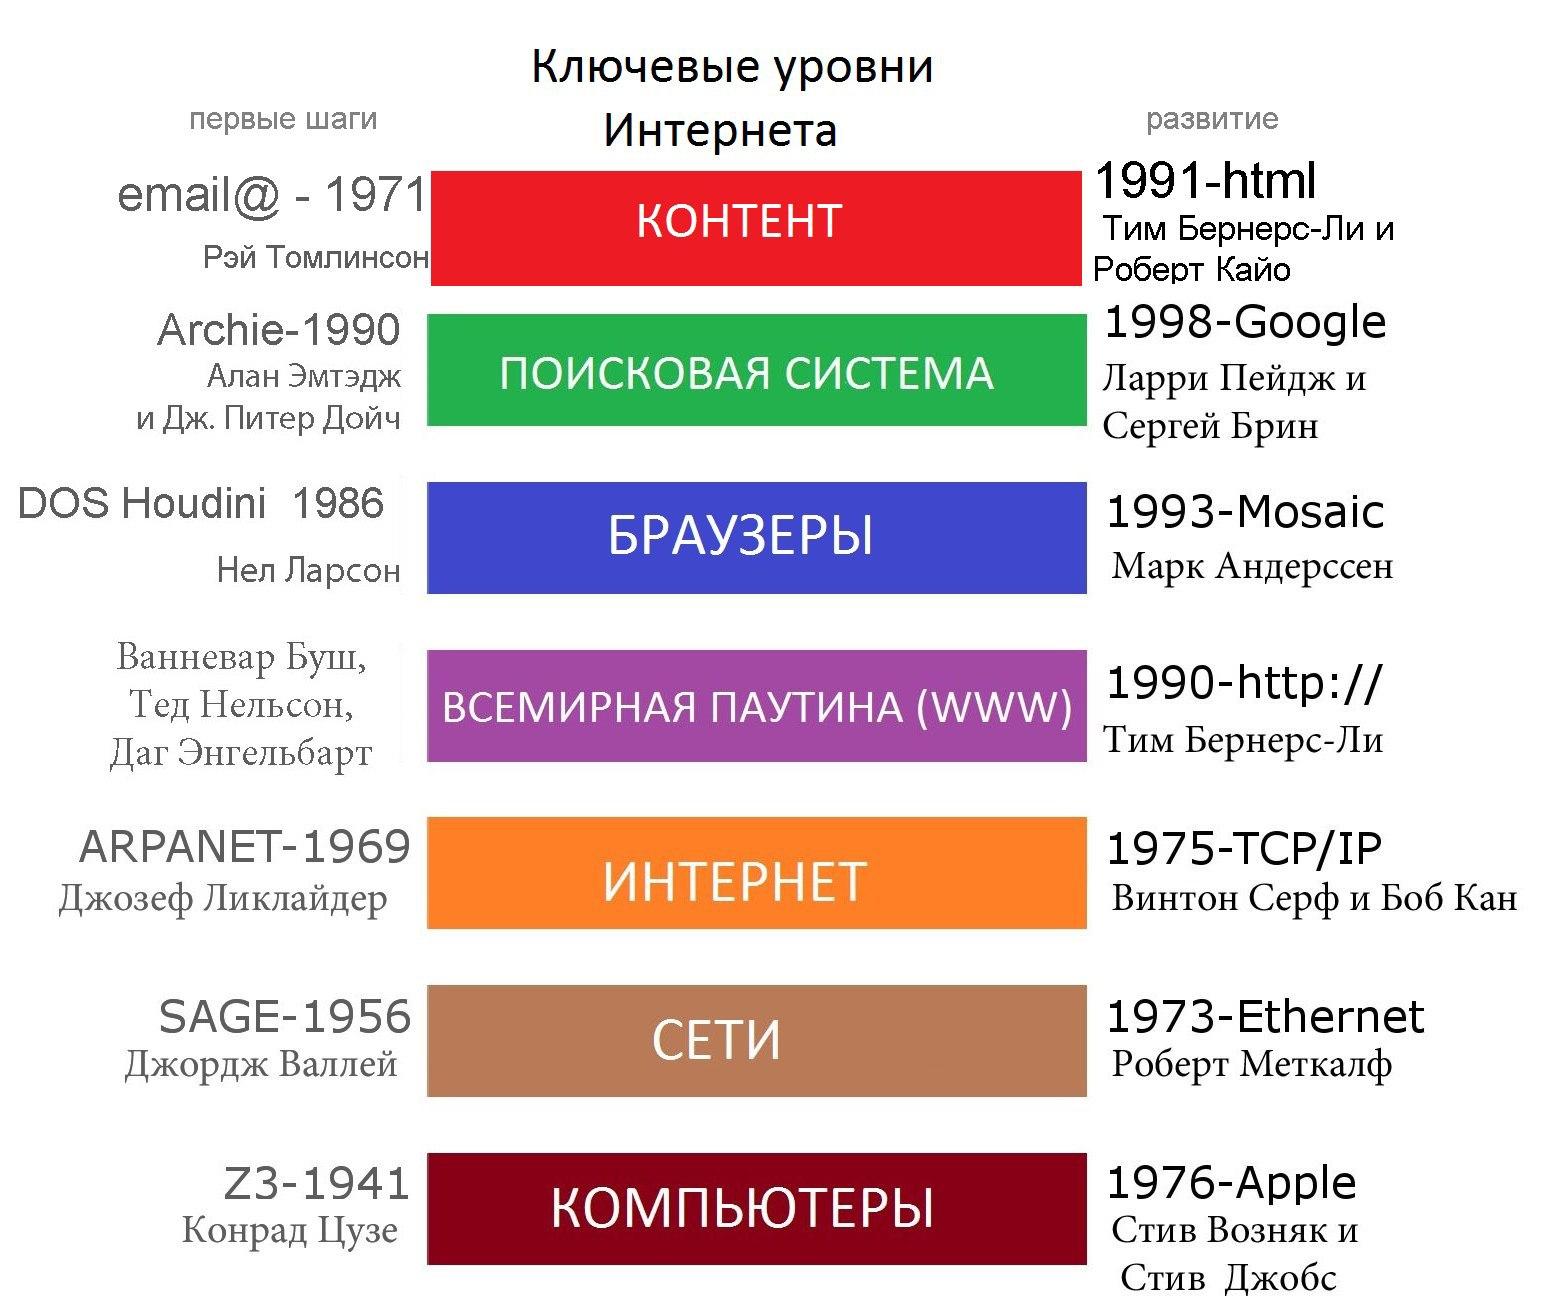 Иванов продвижение сайта в поисковых new thread медиасфера является продвижение сайтов если вам требуется создание сайта его